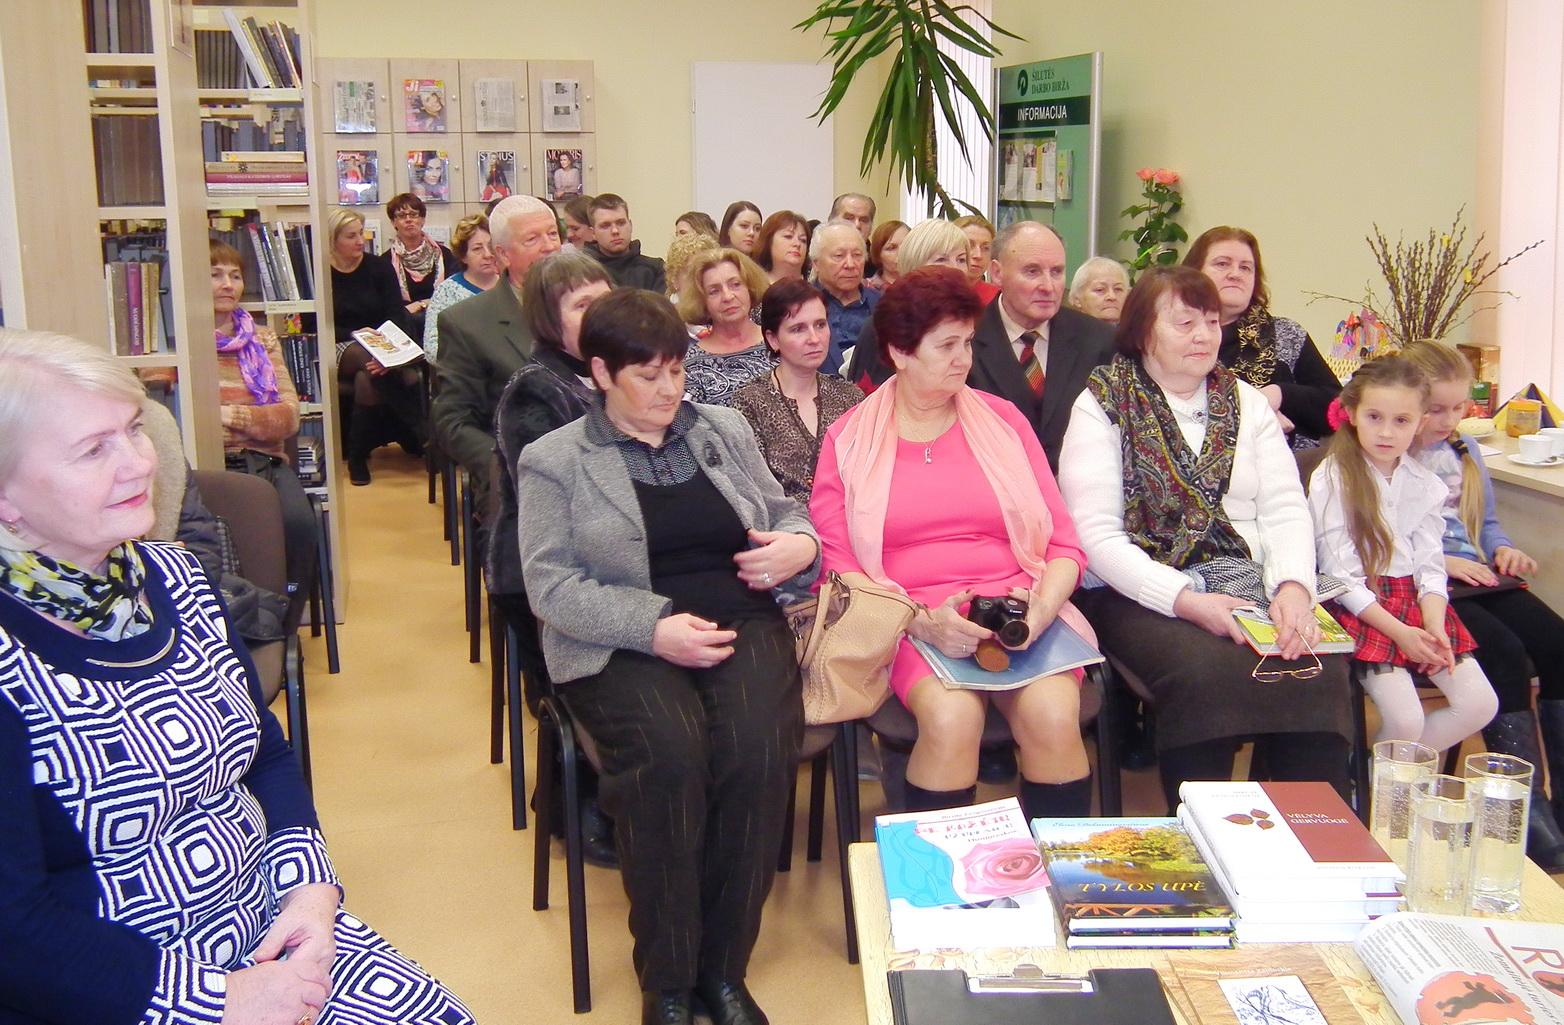 Kintų filiale susitiko poezijos mėgėjai ir kūrėjai.